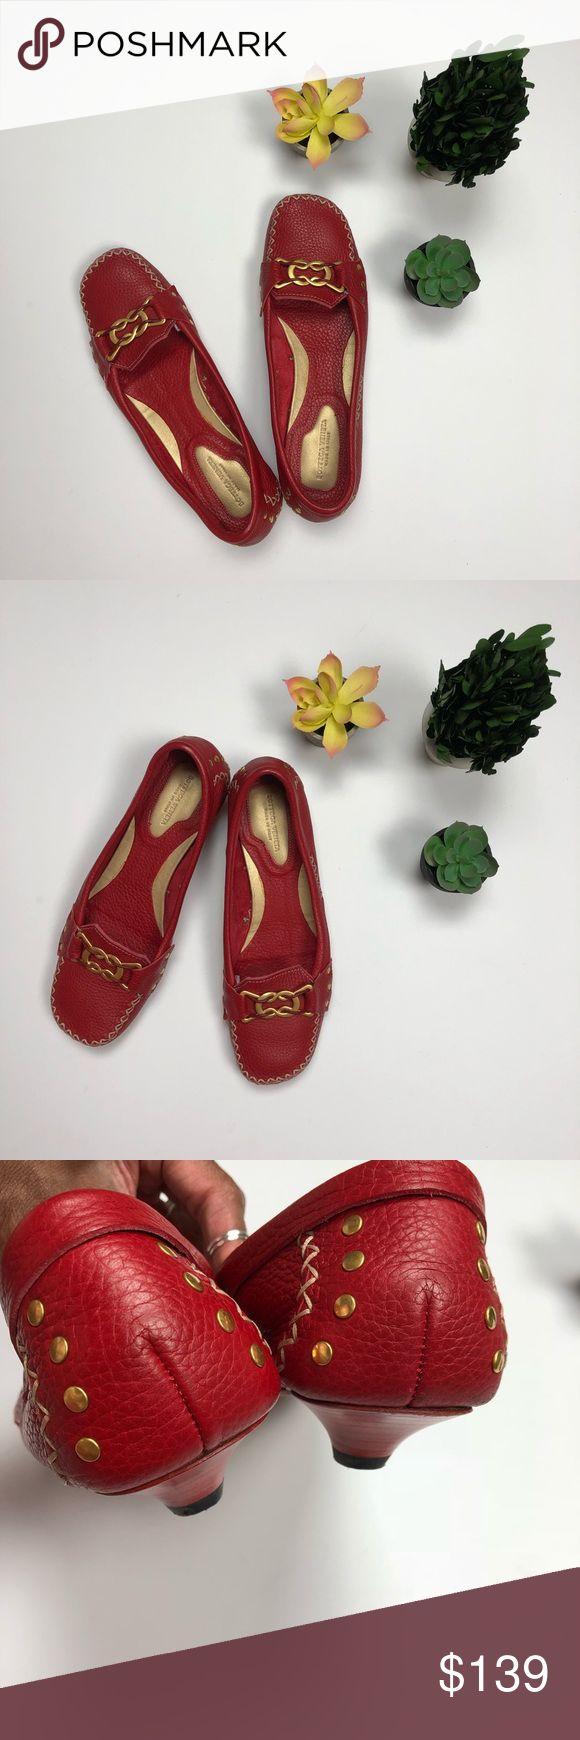 {BOTTEGA VENETA} RED KITTEN HEEL SHOES Adorable shoes for work, every day or err… – My Posh Picks